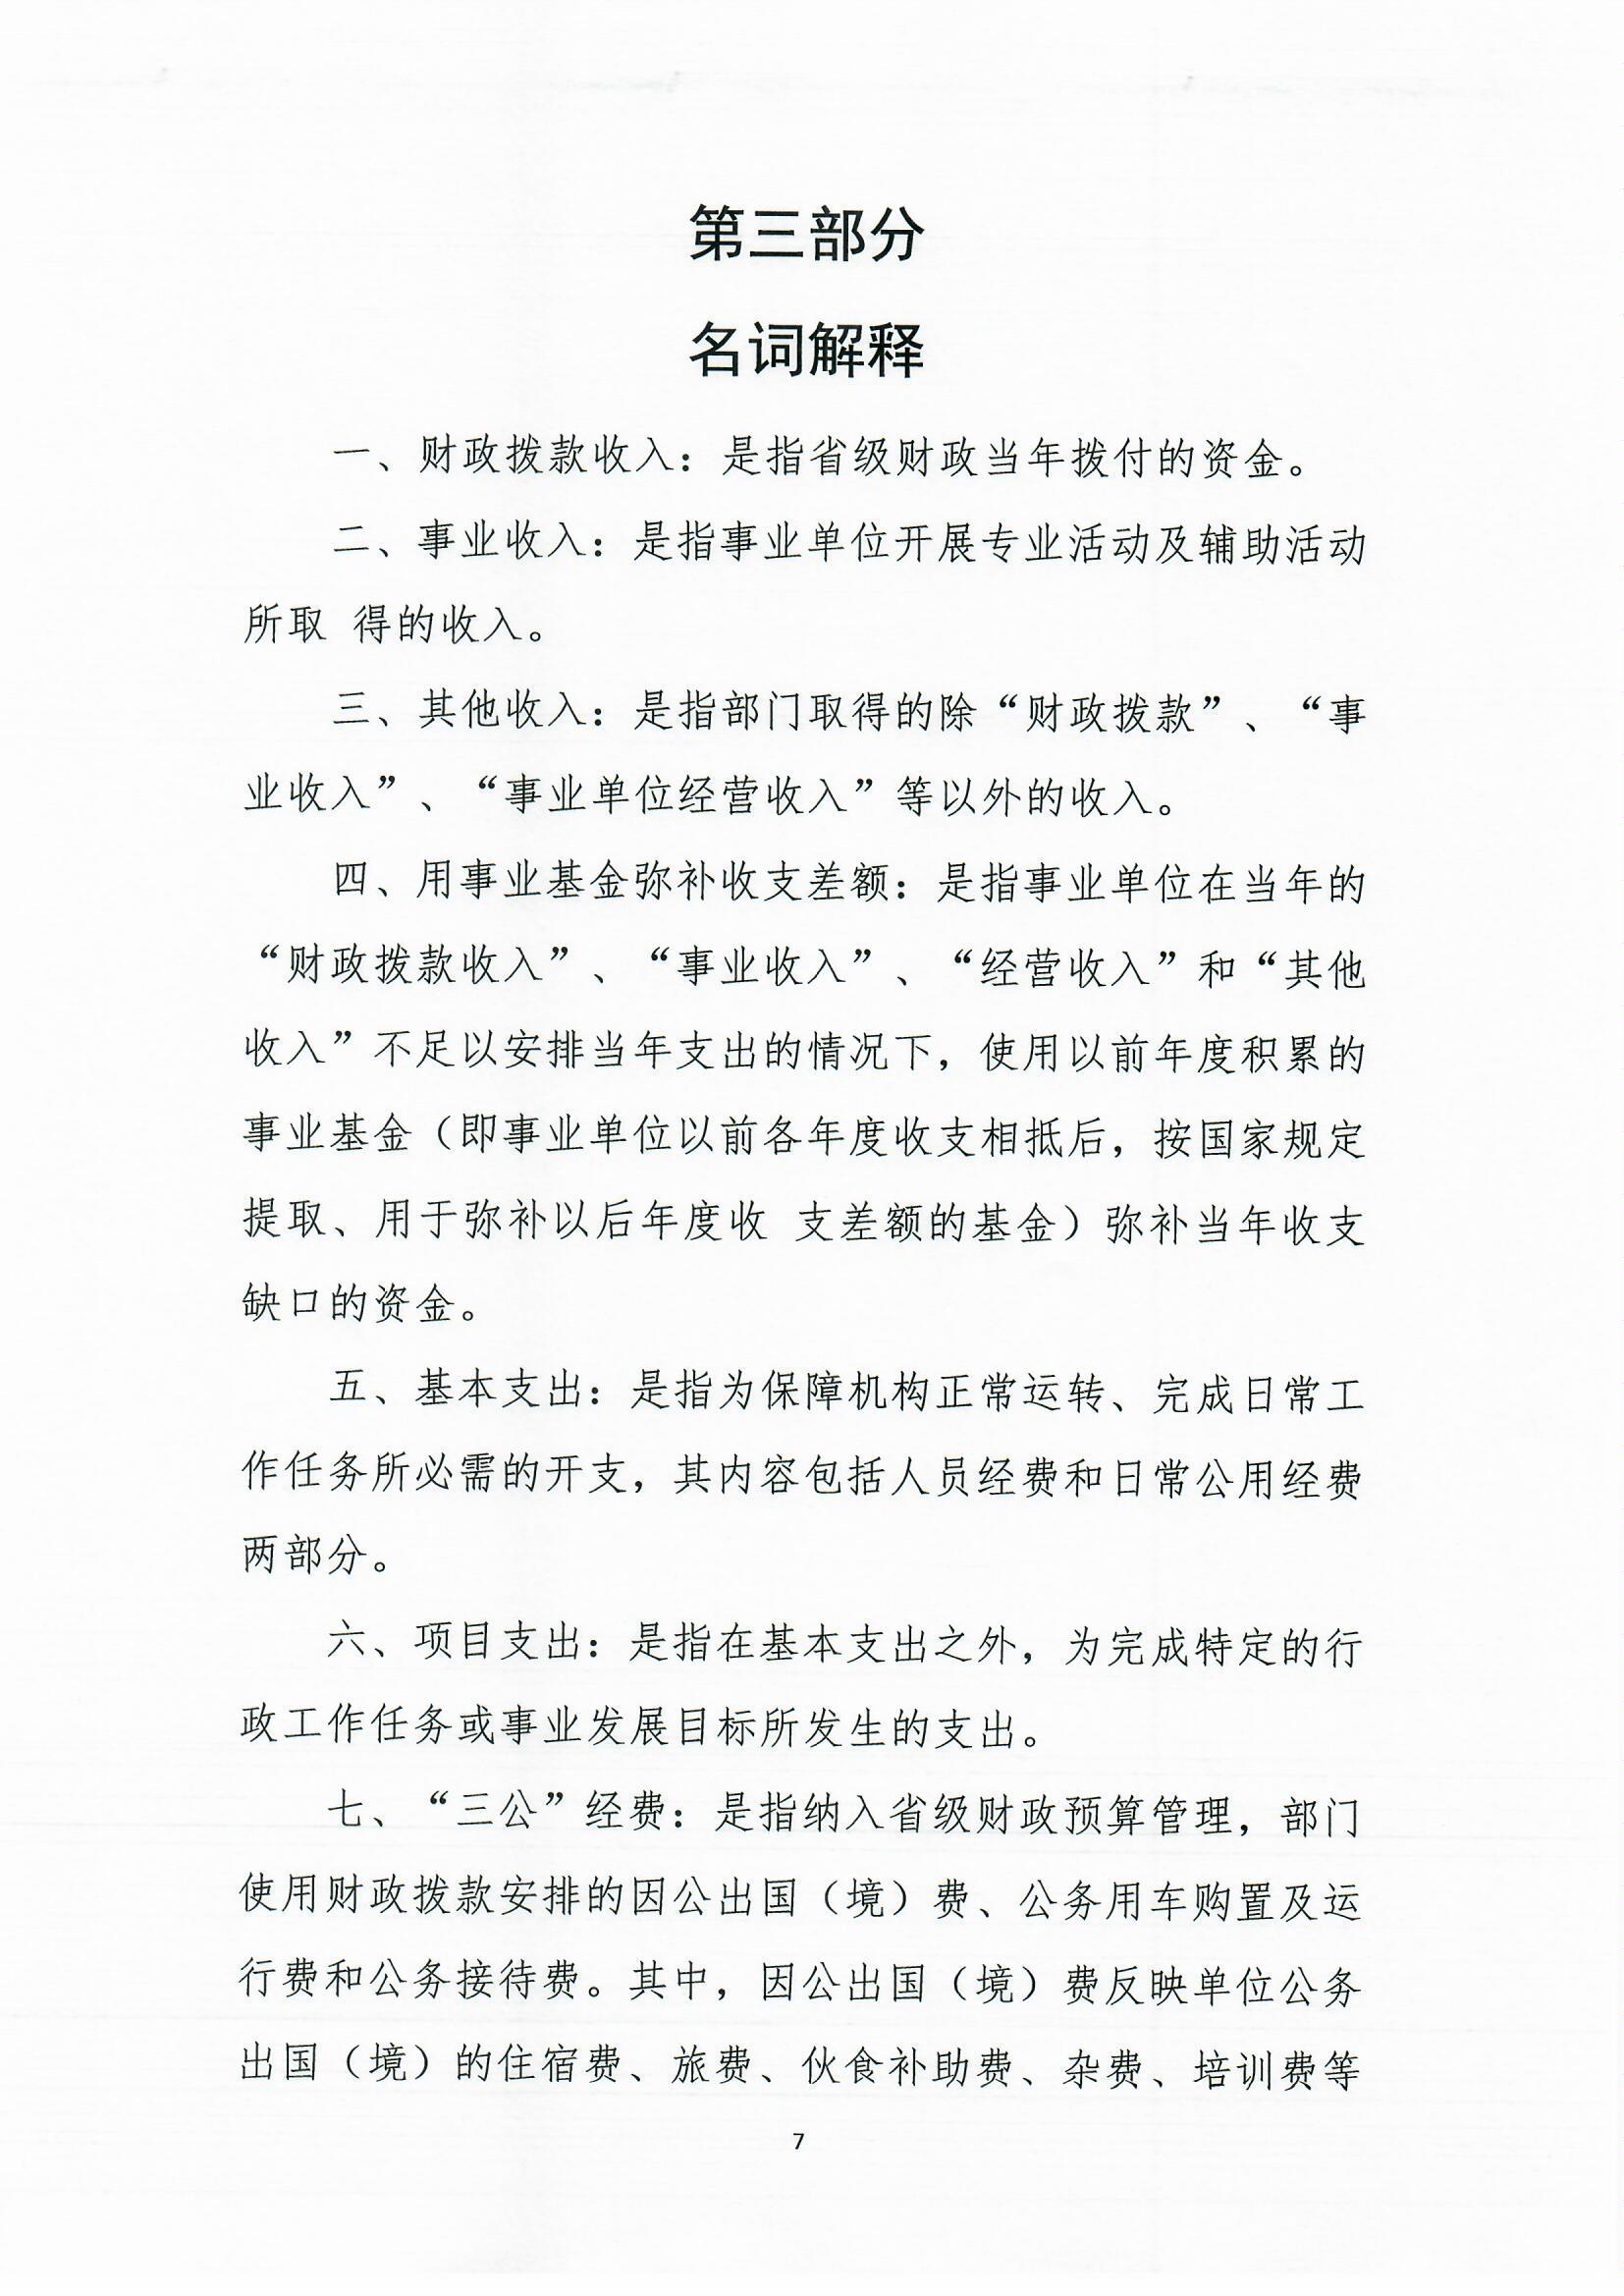 河南省学生资助管理中心预算公开(1)_页面_07.jpg